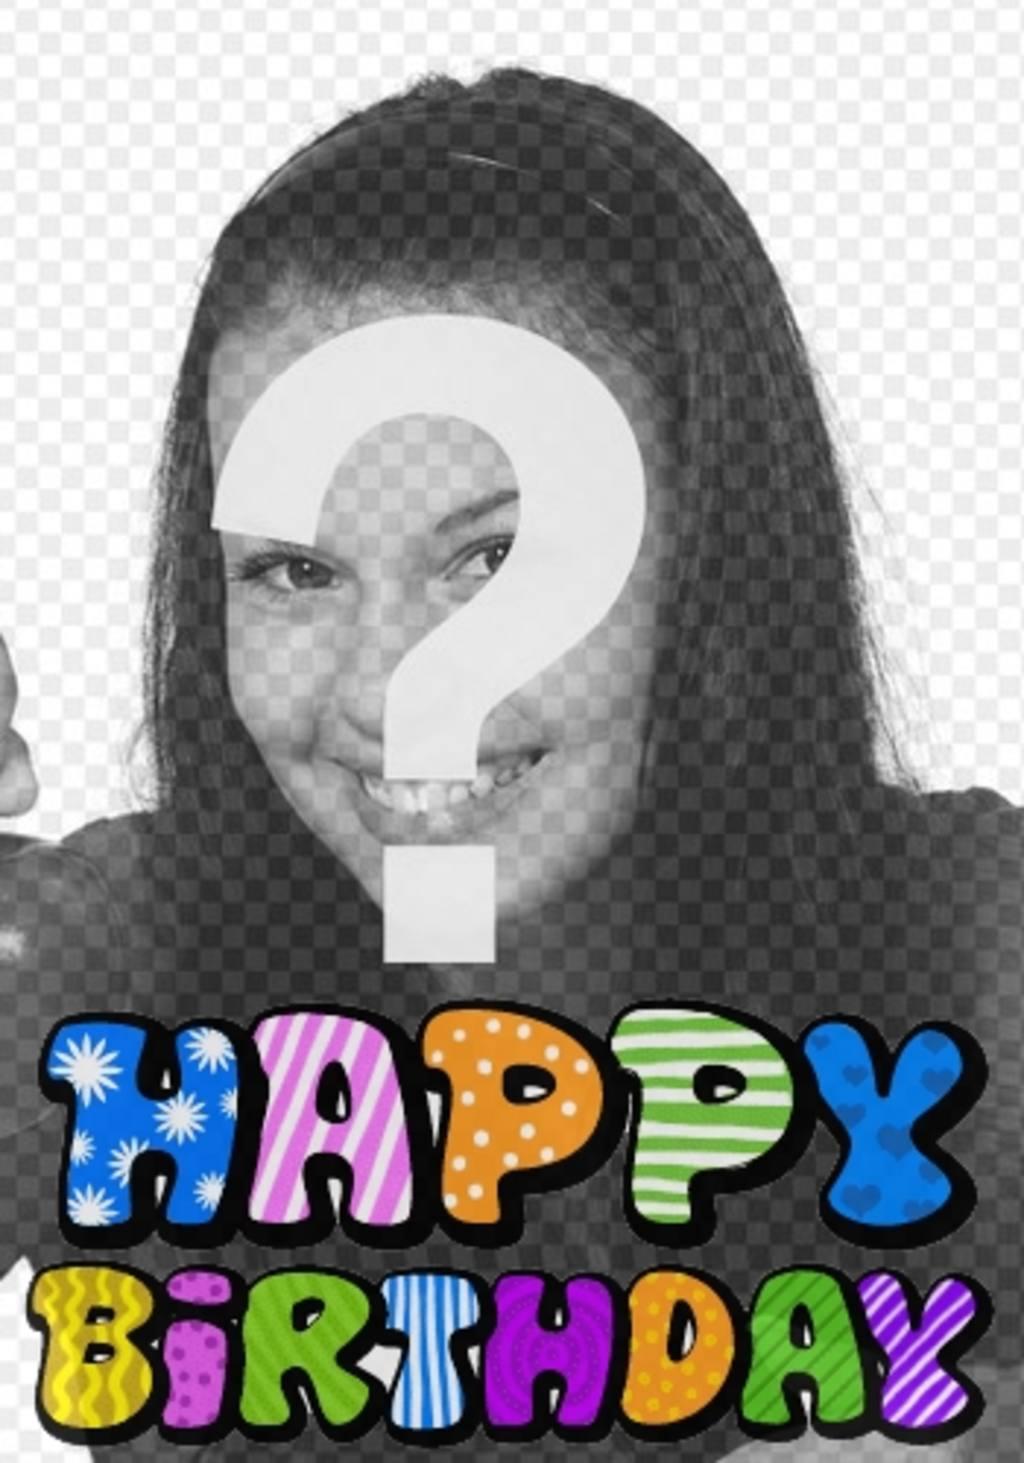 Photomontage pour carte anniversaire Joyeux anniversaire texte animé. Vous pouvez télécharger votre photo. Après avoir choisi le modèle, suivant quelques étapes simples, vous aurez la carte de vœux personnalisée